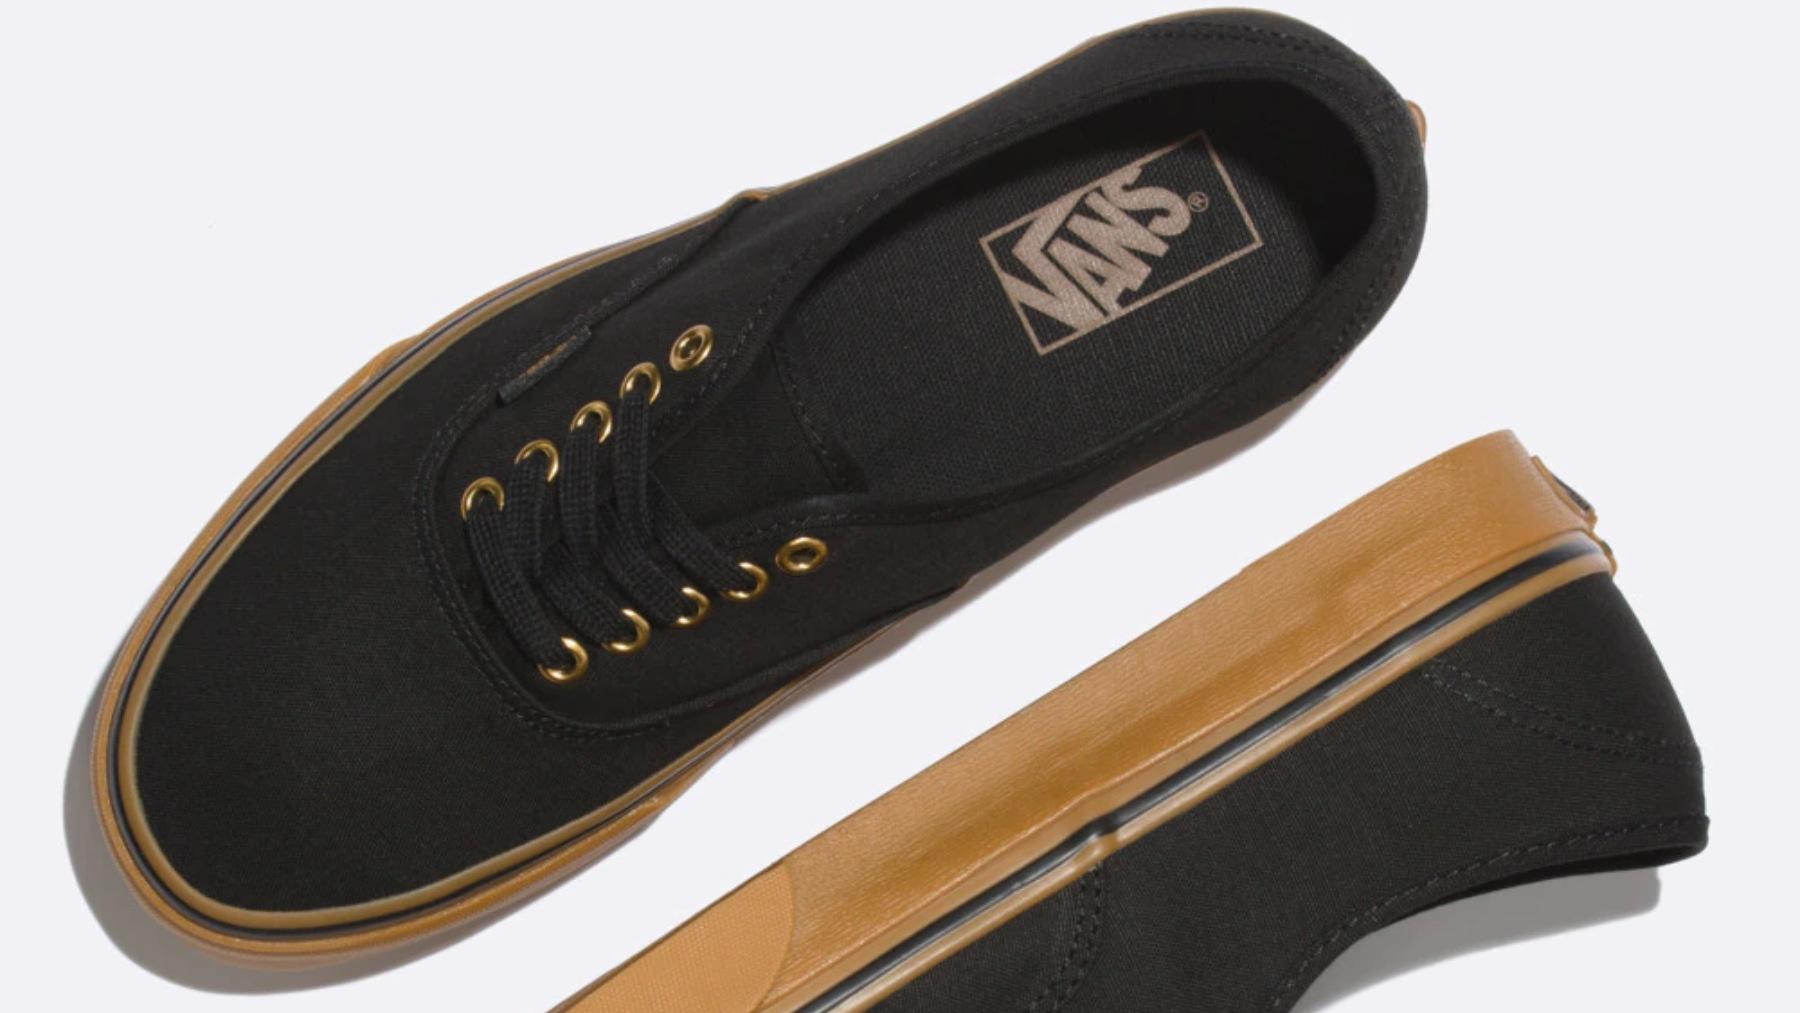 Rebajas El Corte Inglés: Los 5 mejores modelos de zapatillas Vans en oferta desde 32 euros